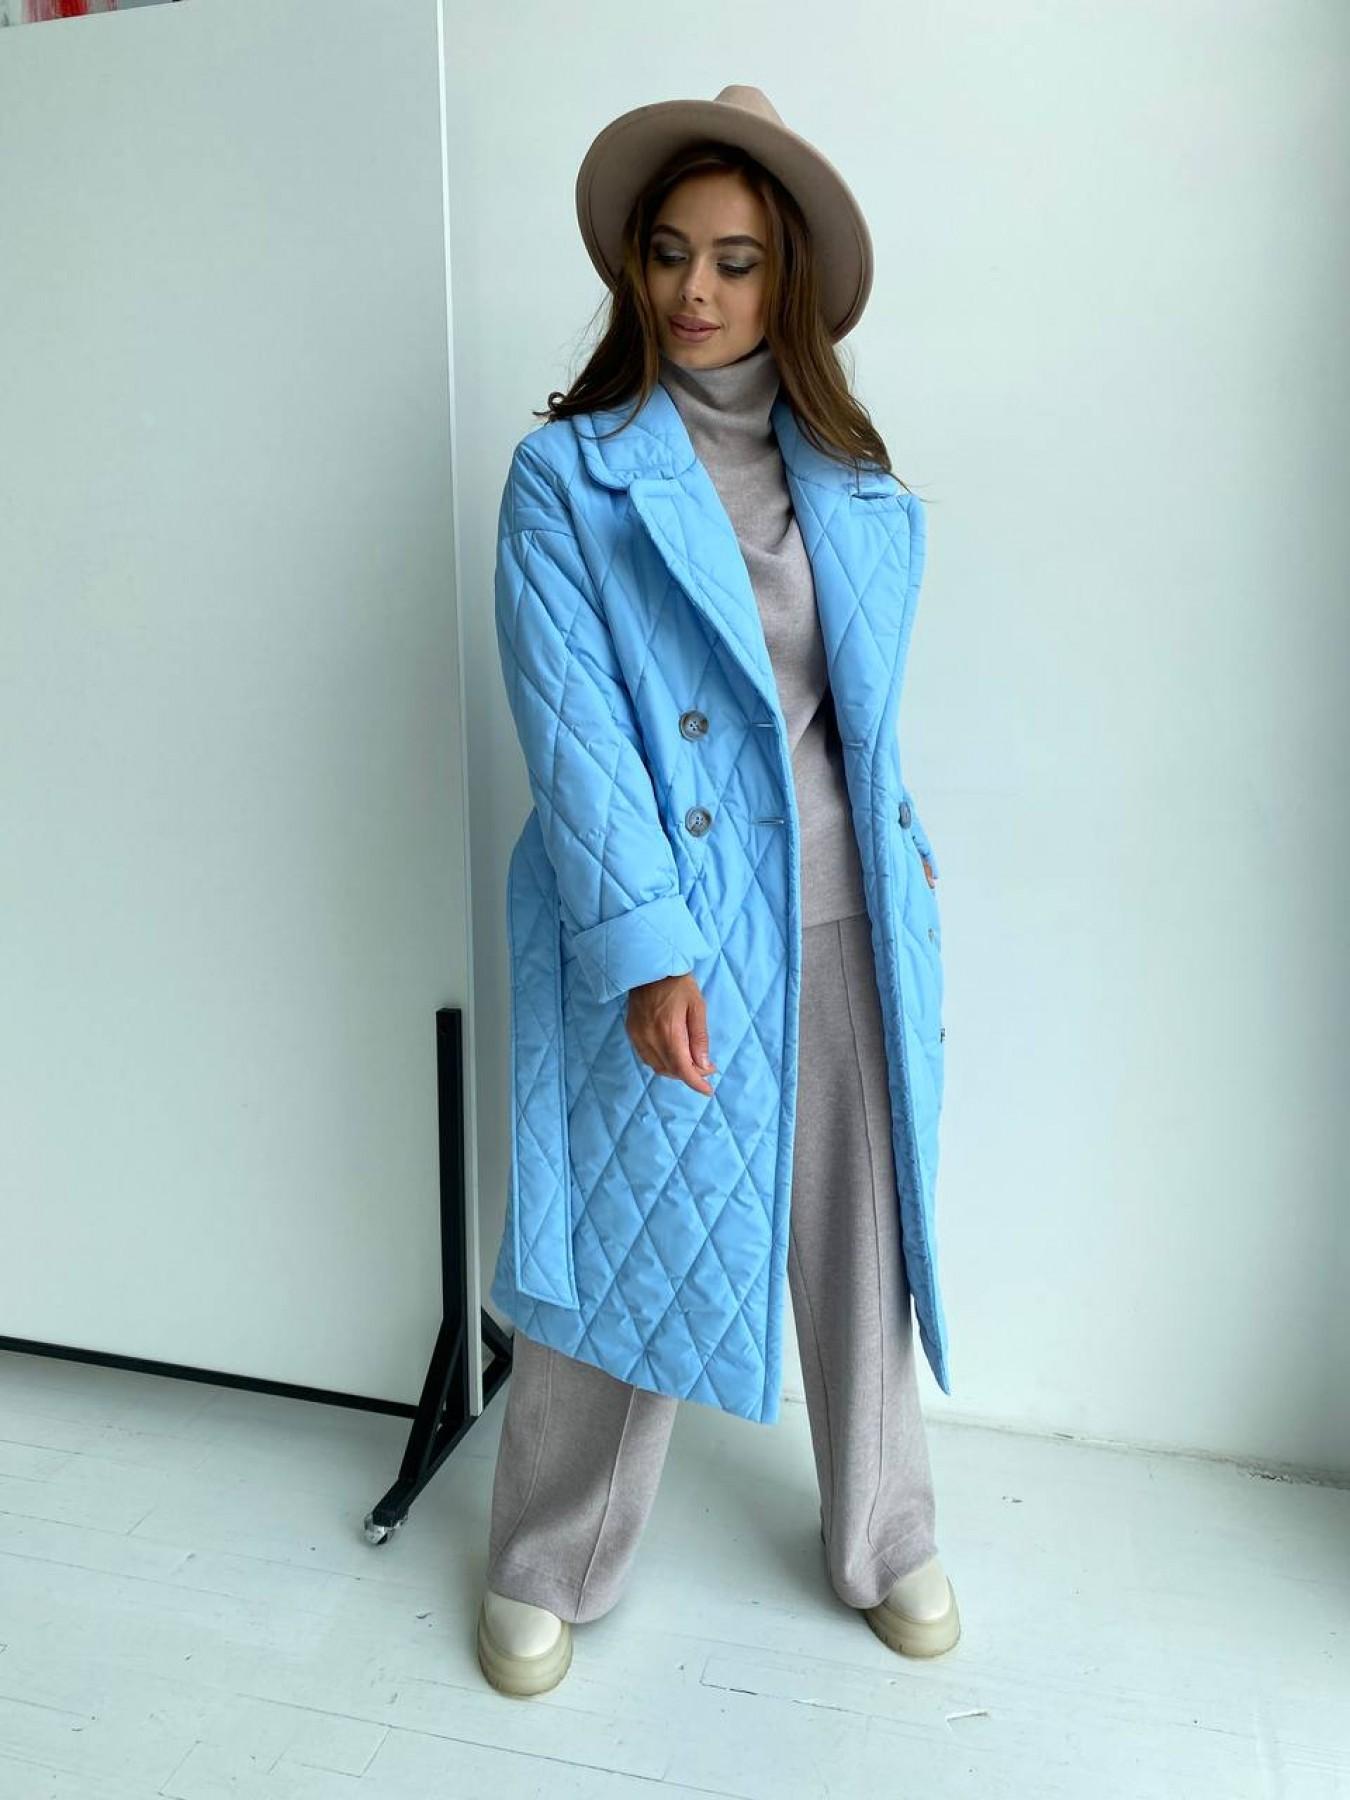 Хаски пальто из стеганой плащевки в ромб 11697 АРТ. 48491 Цвет: Голубой - фото 2, интернет магазин tm-modus.ru